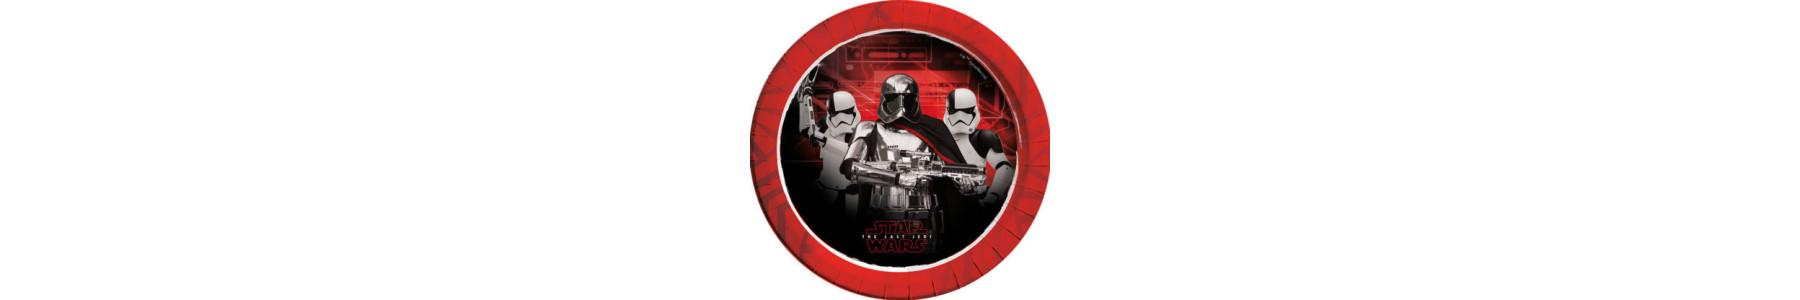 Articole de petrecere  Star Wars